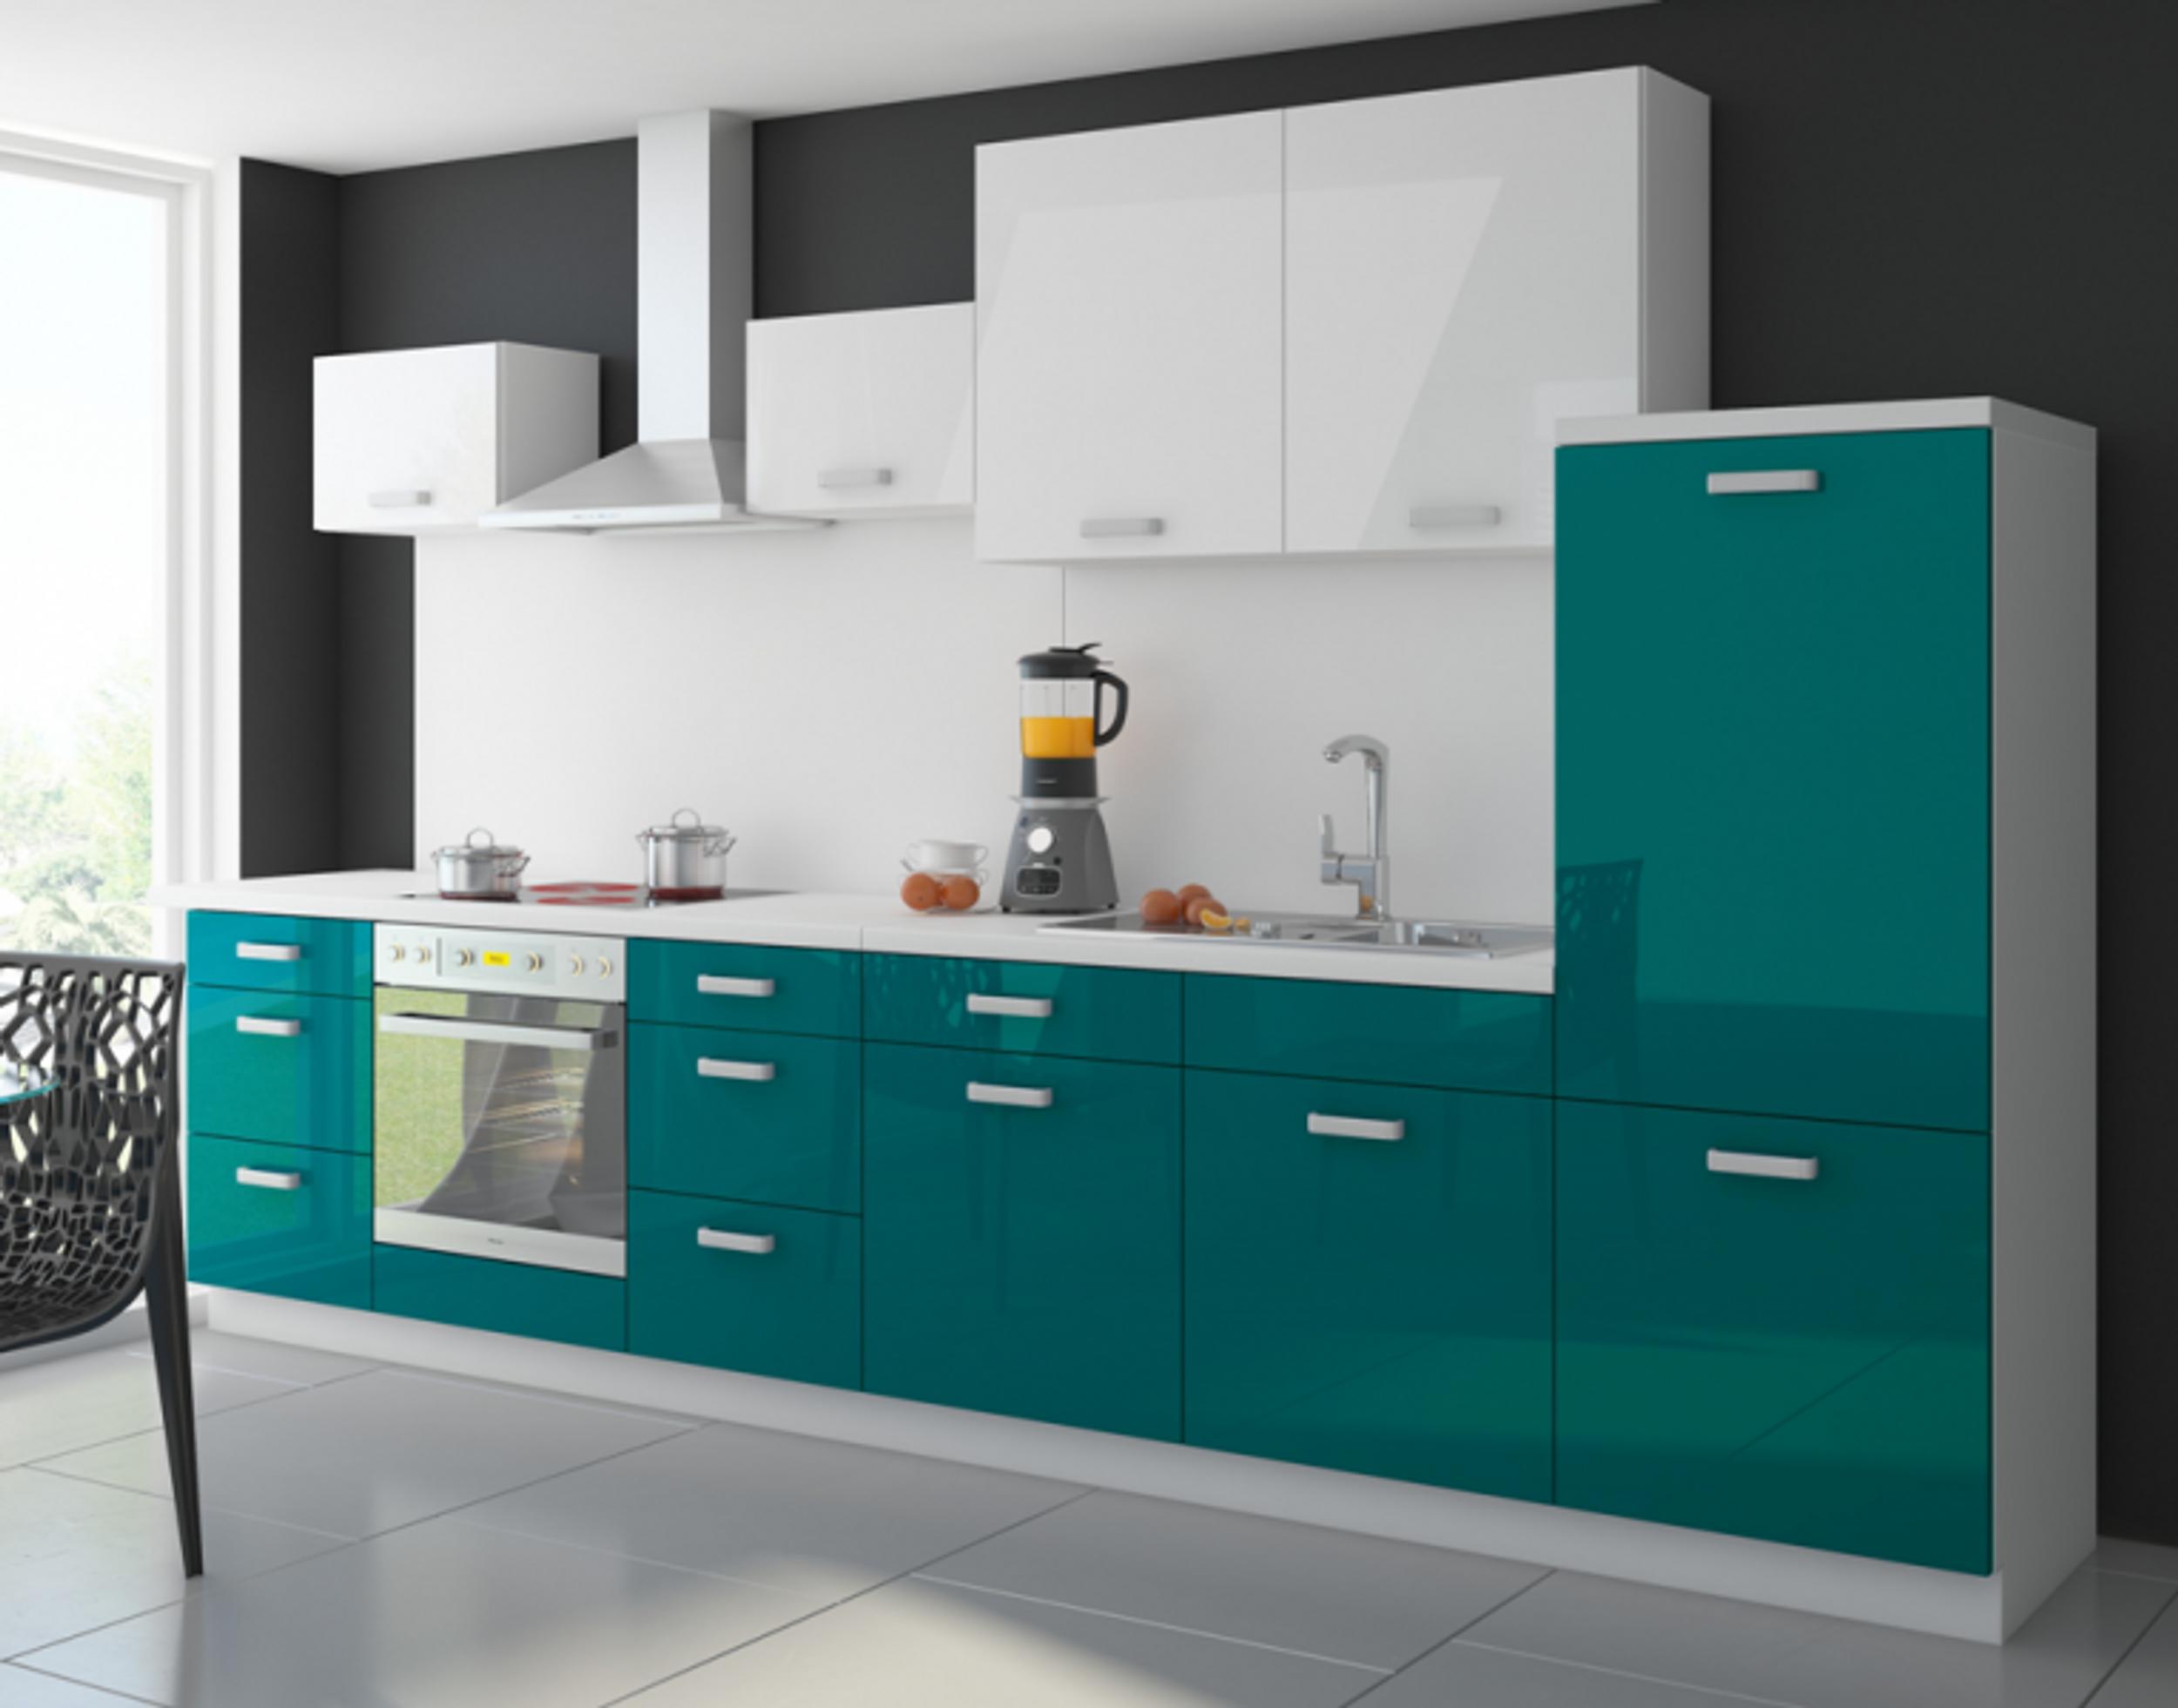 Billige einbauküchen mit e geräten  Küche Color 340 cm Küchenzeile Küchenblock Einbauküche in Hochglanz ...